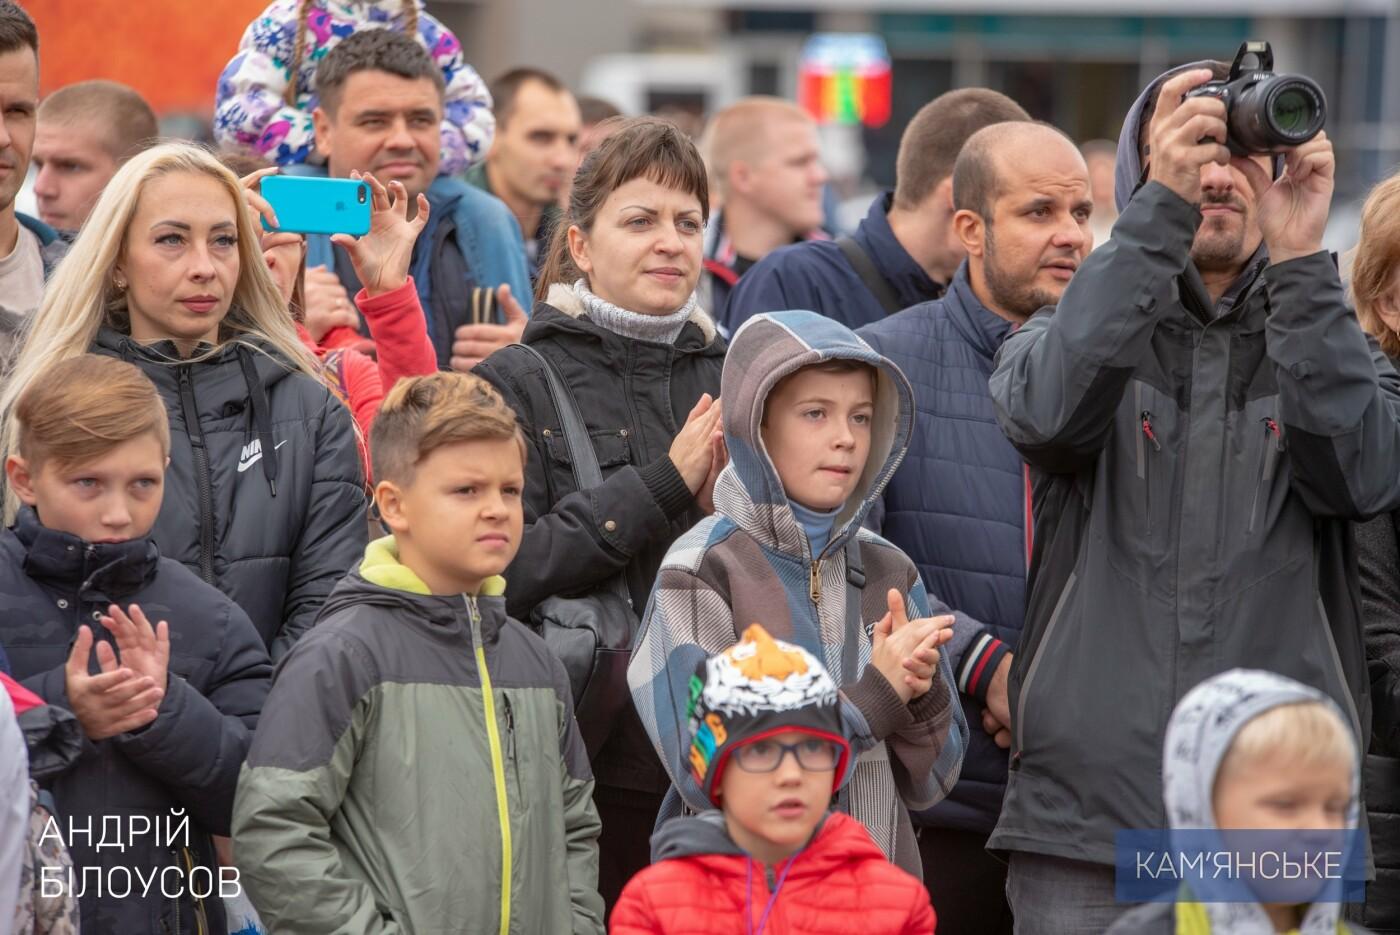 В Каменском состоялся фестиваль восточных единоборств, фото-3